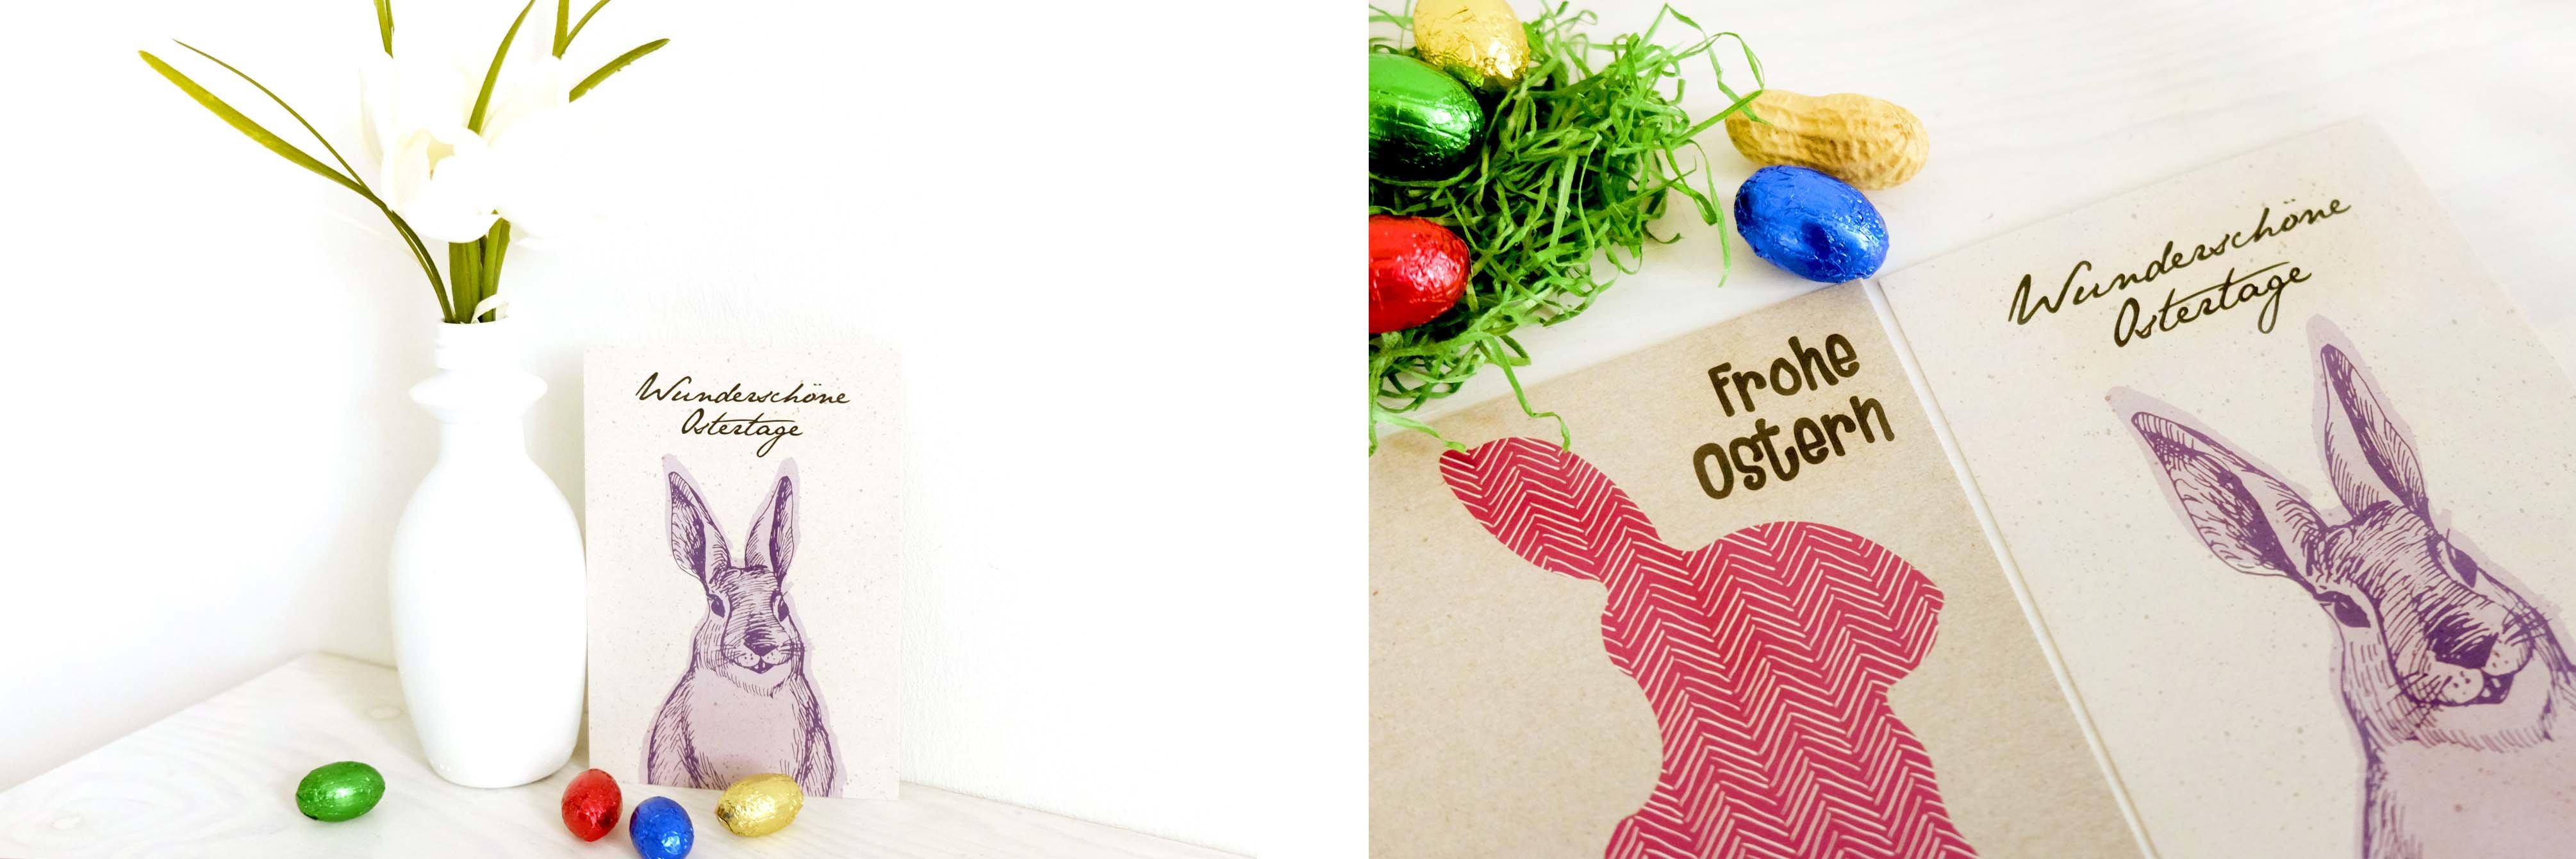 5 last minute geschenk ideen zu ostern die garantiert begeistern papierdrachen. Black Bedroom Furniture Sets. Home Design Ideas